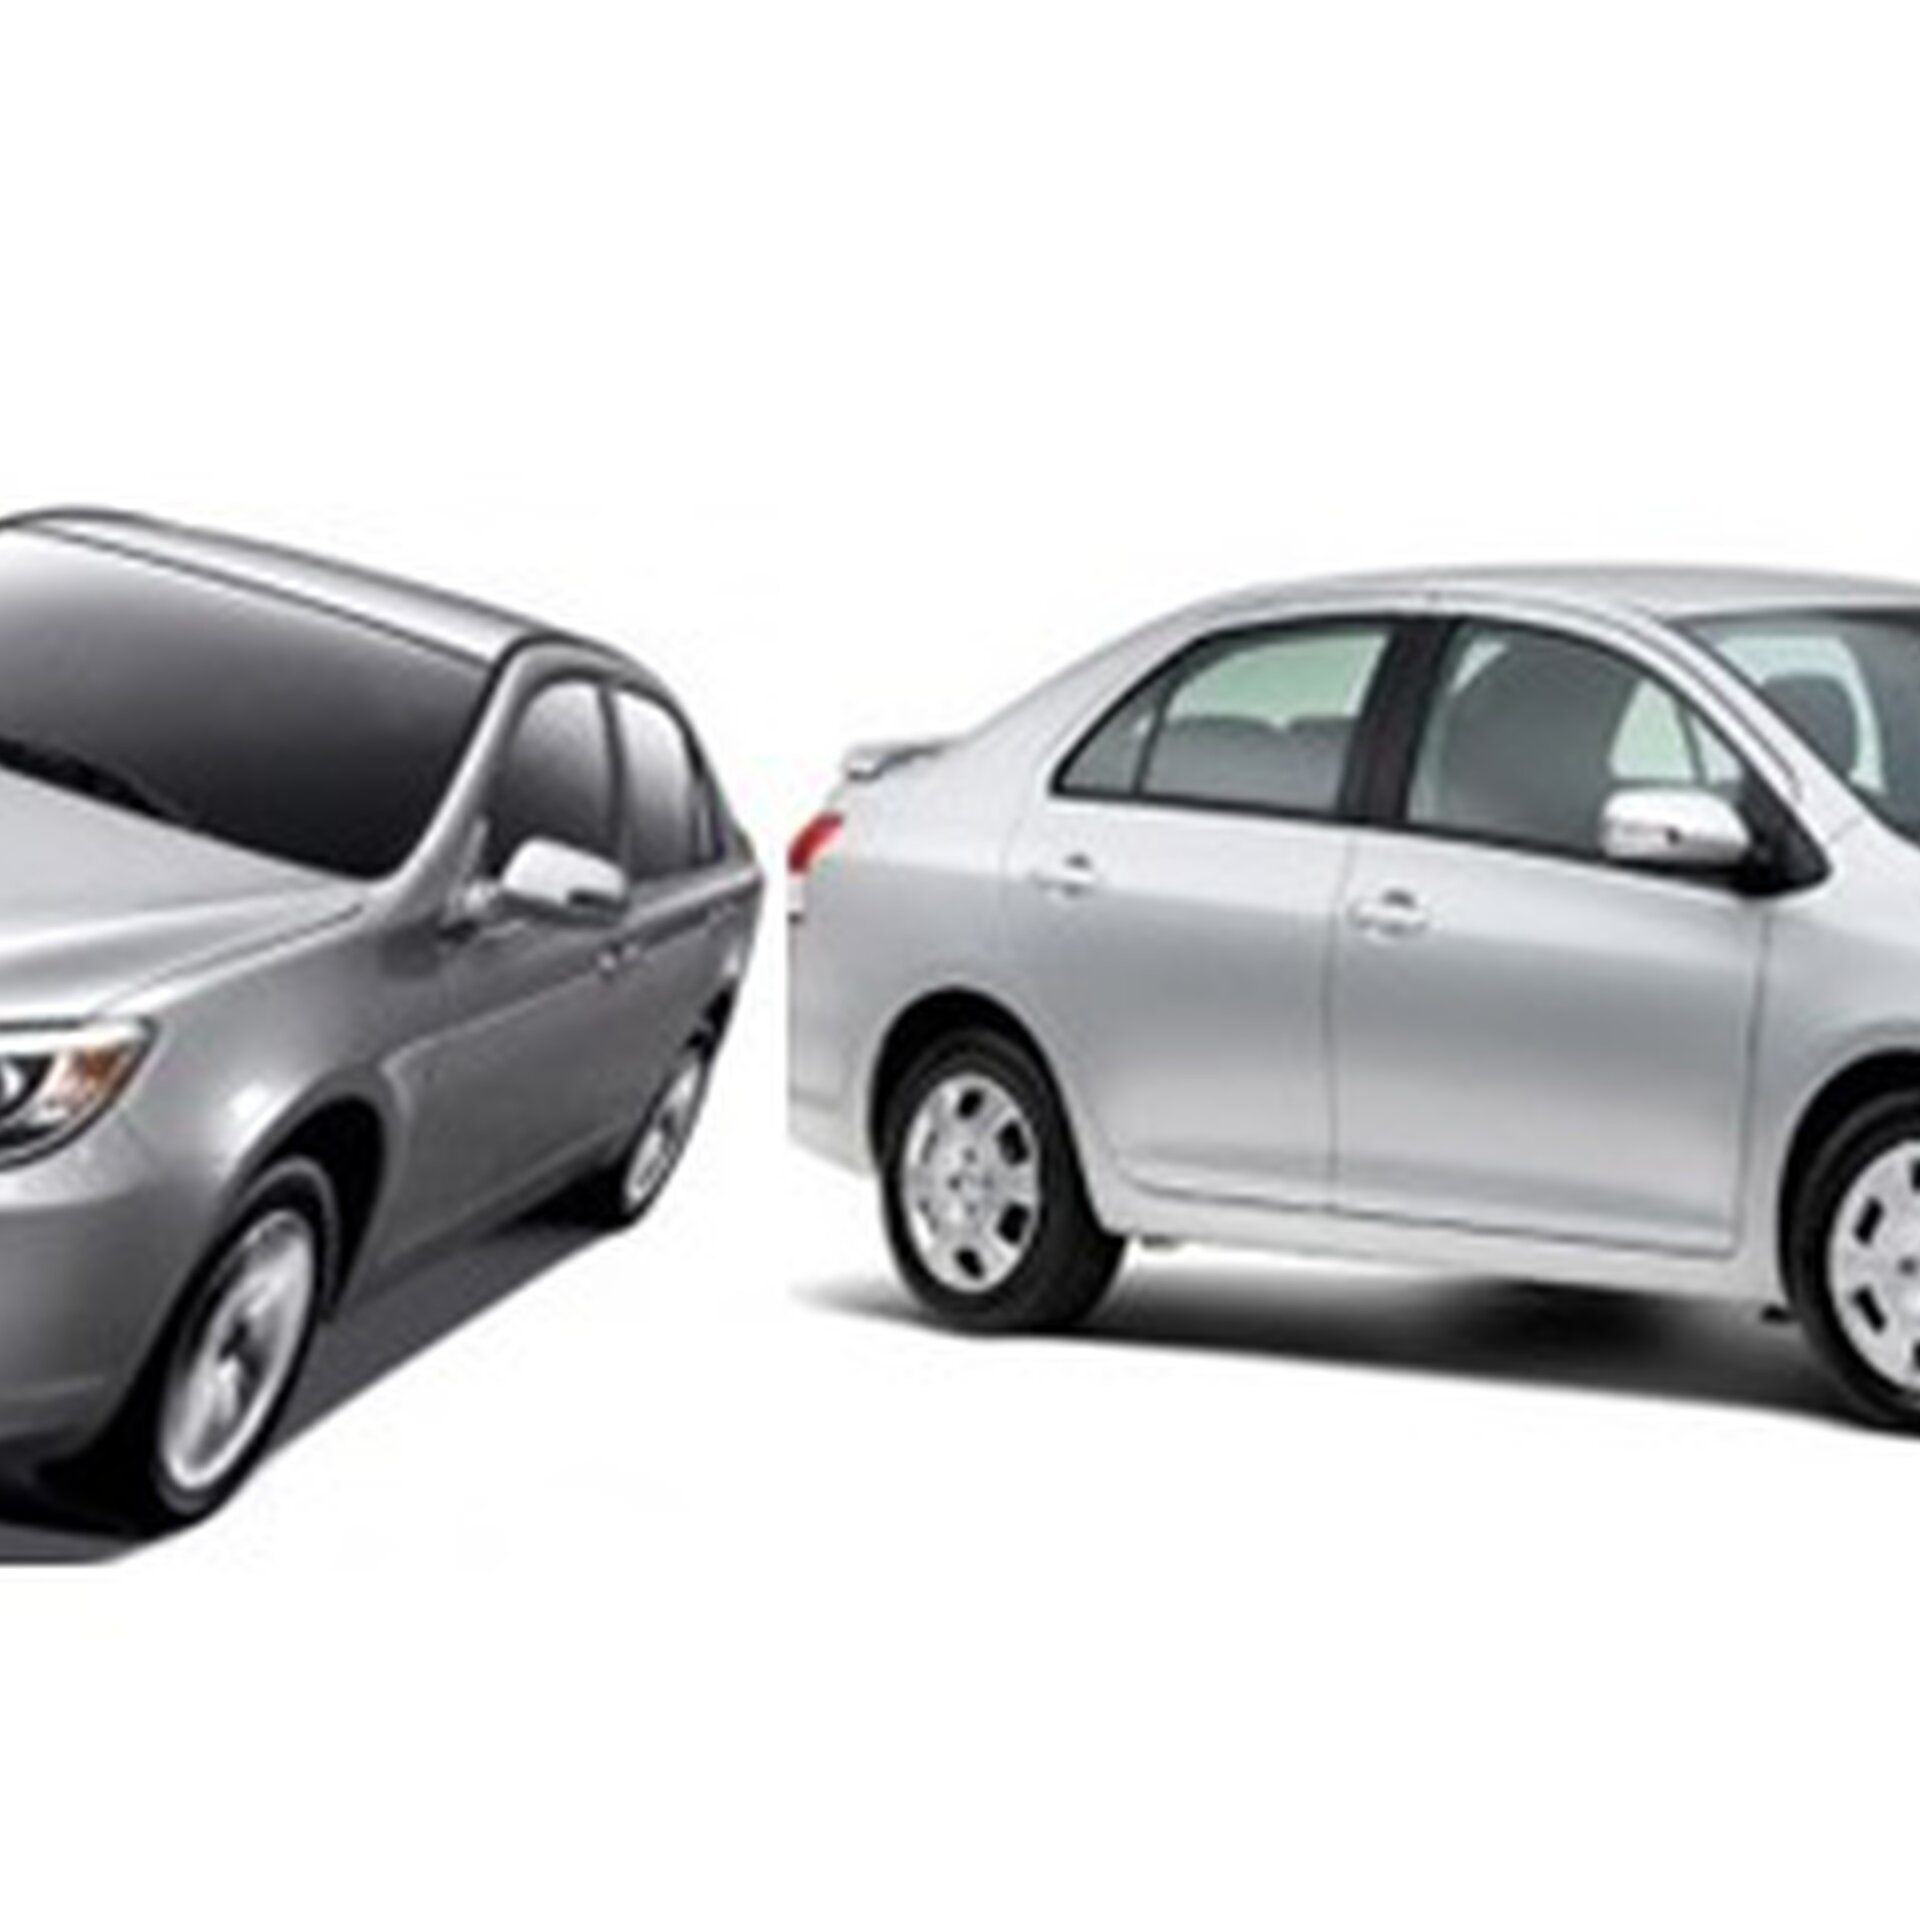 ace car rental aruba  Aruba Car Rental Companies - Ace Car Rental